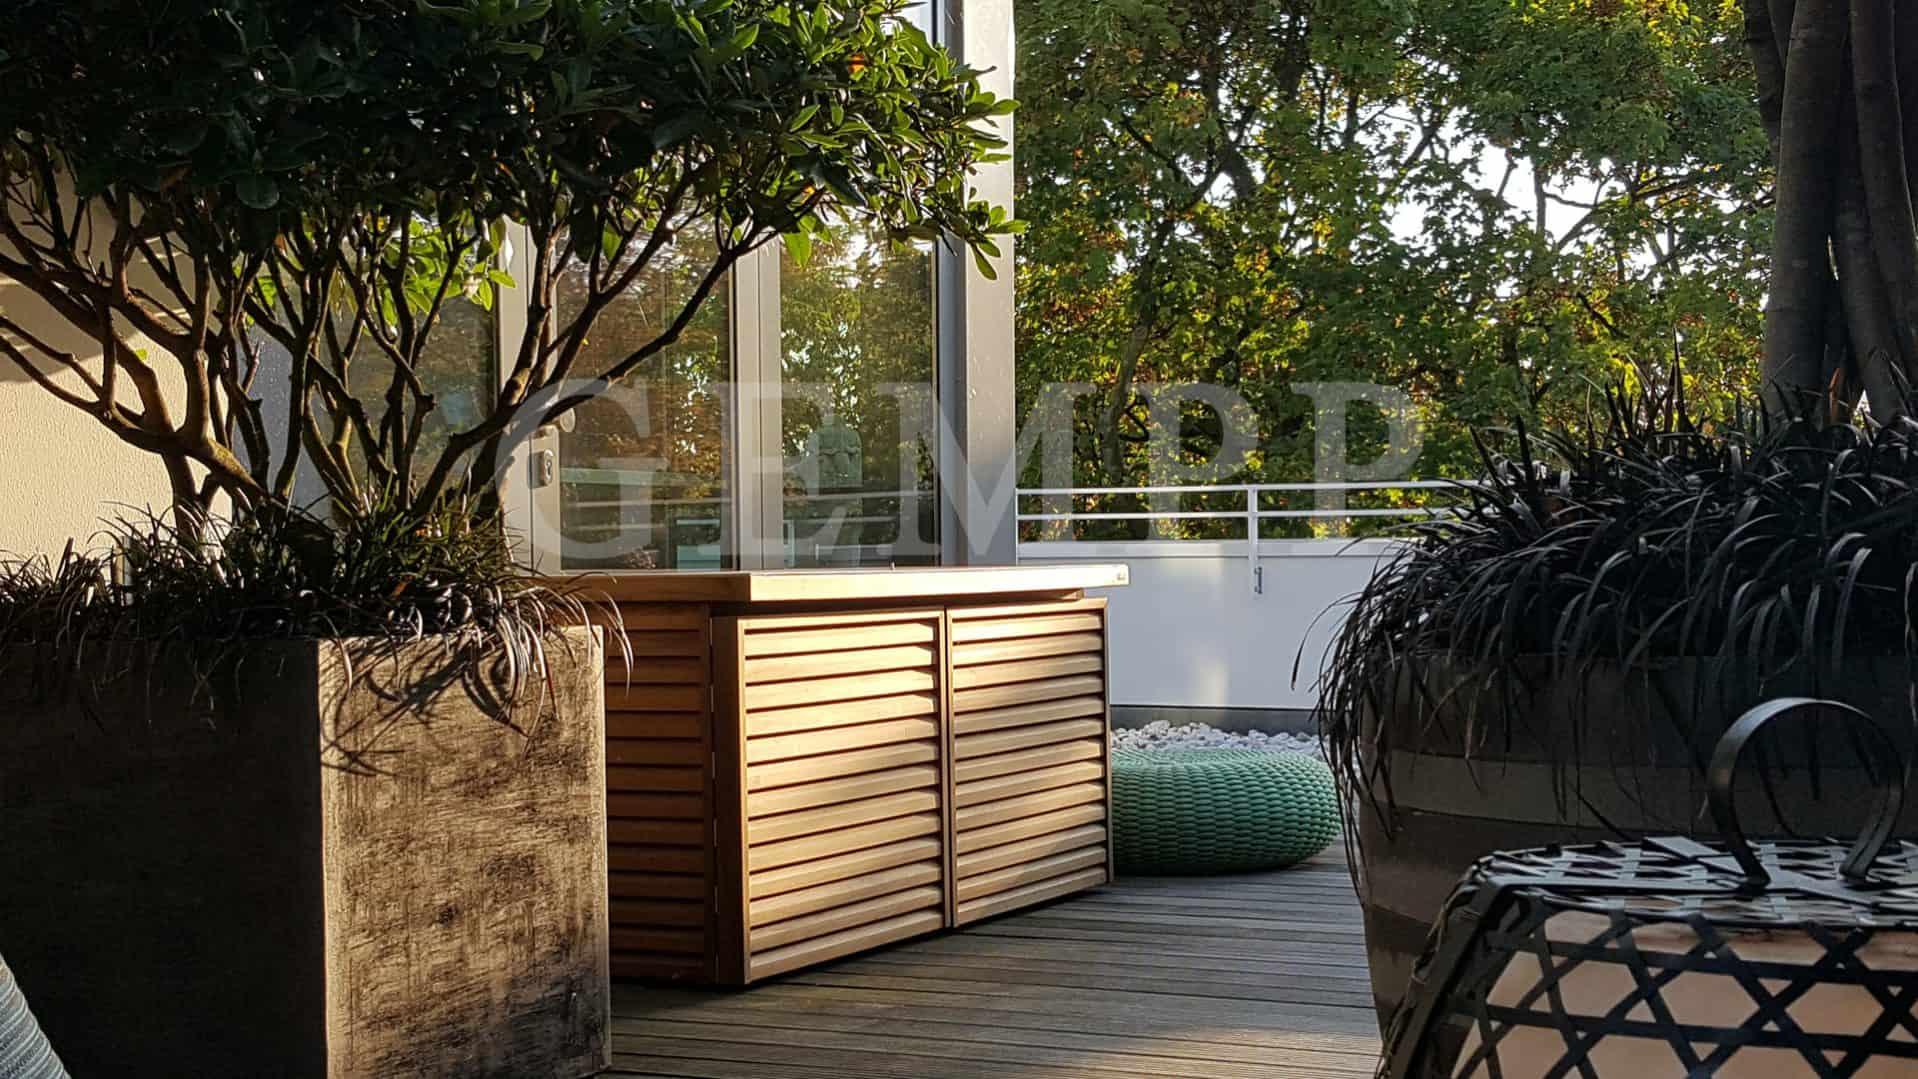 Moderne Gartenplanung einer Dachterrasse